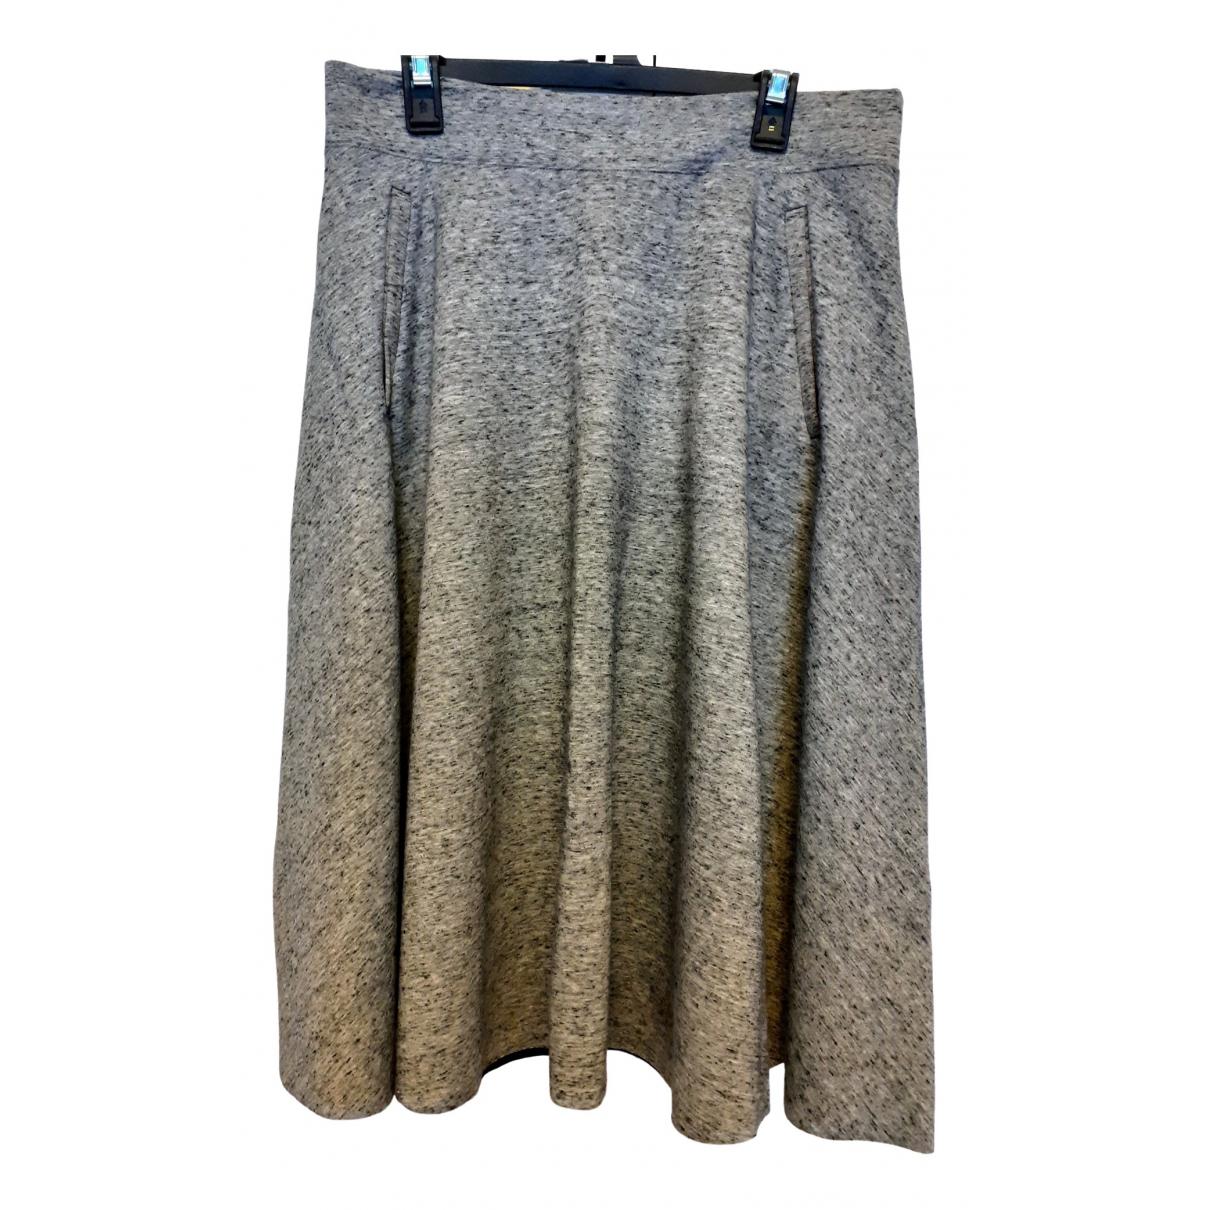 H&m Studio \N Grey skirt for Women 42 FR